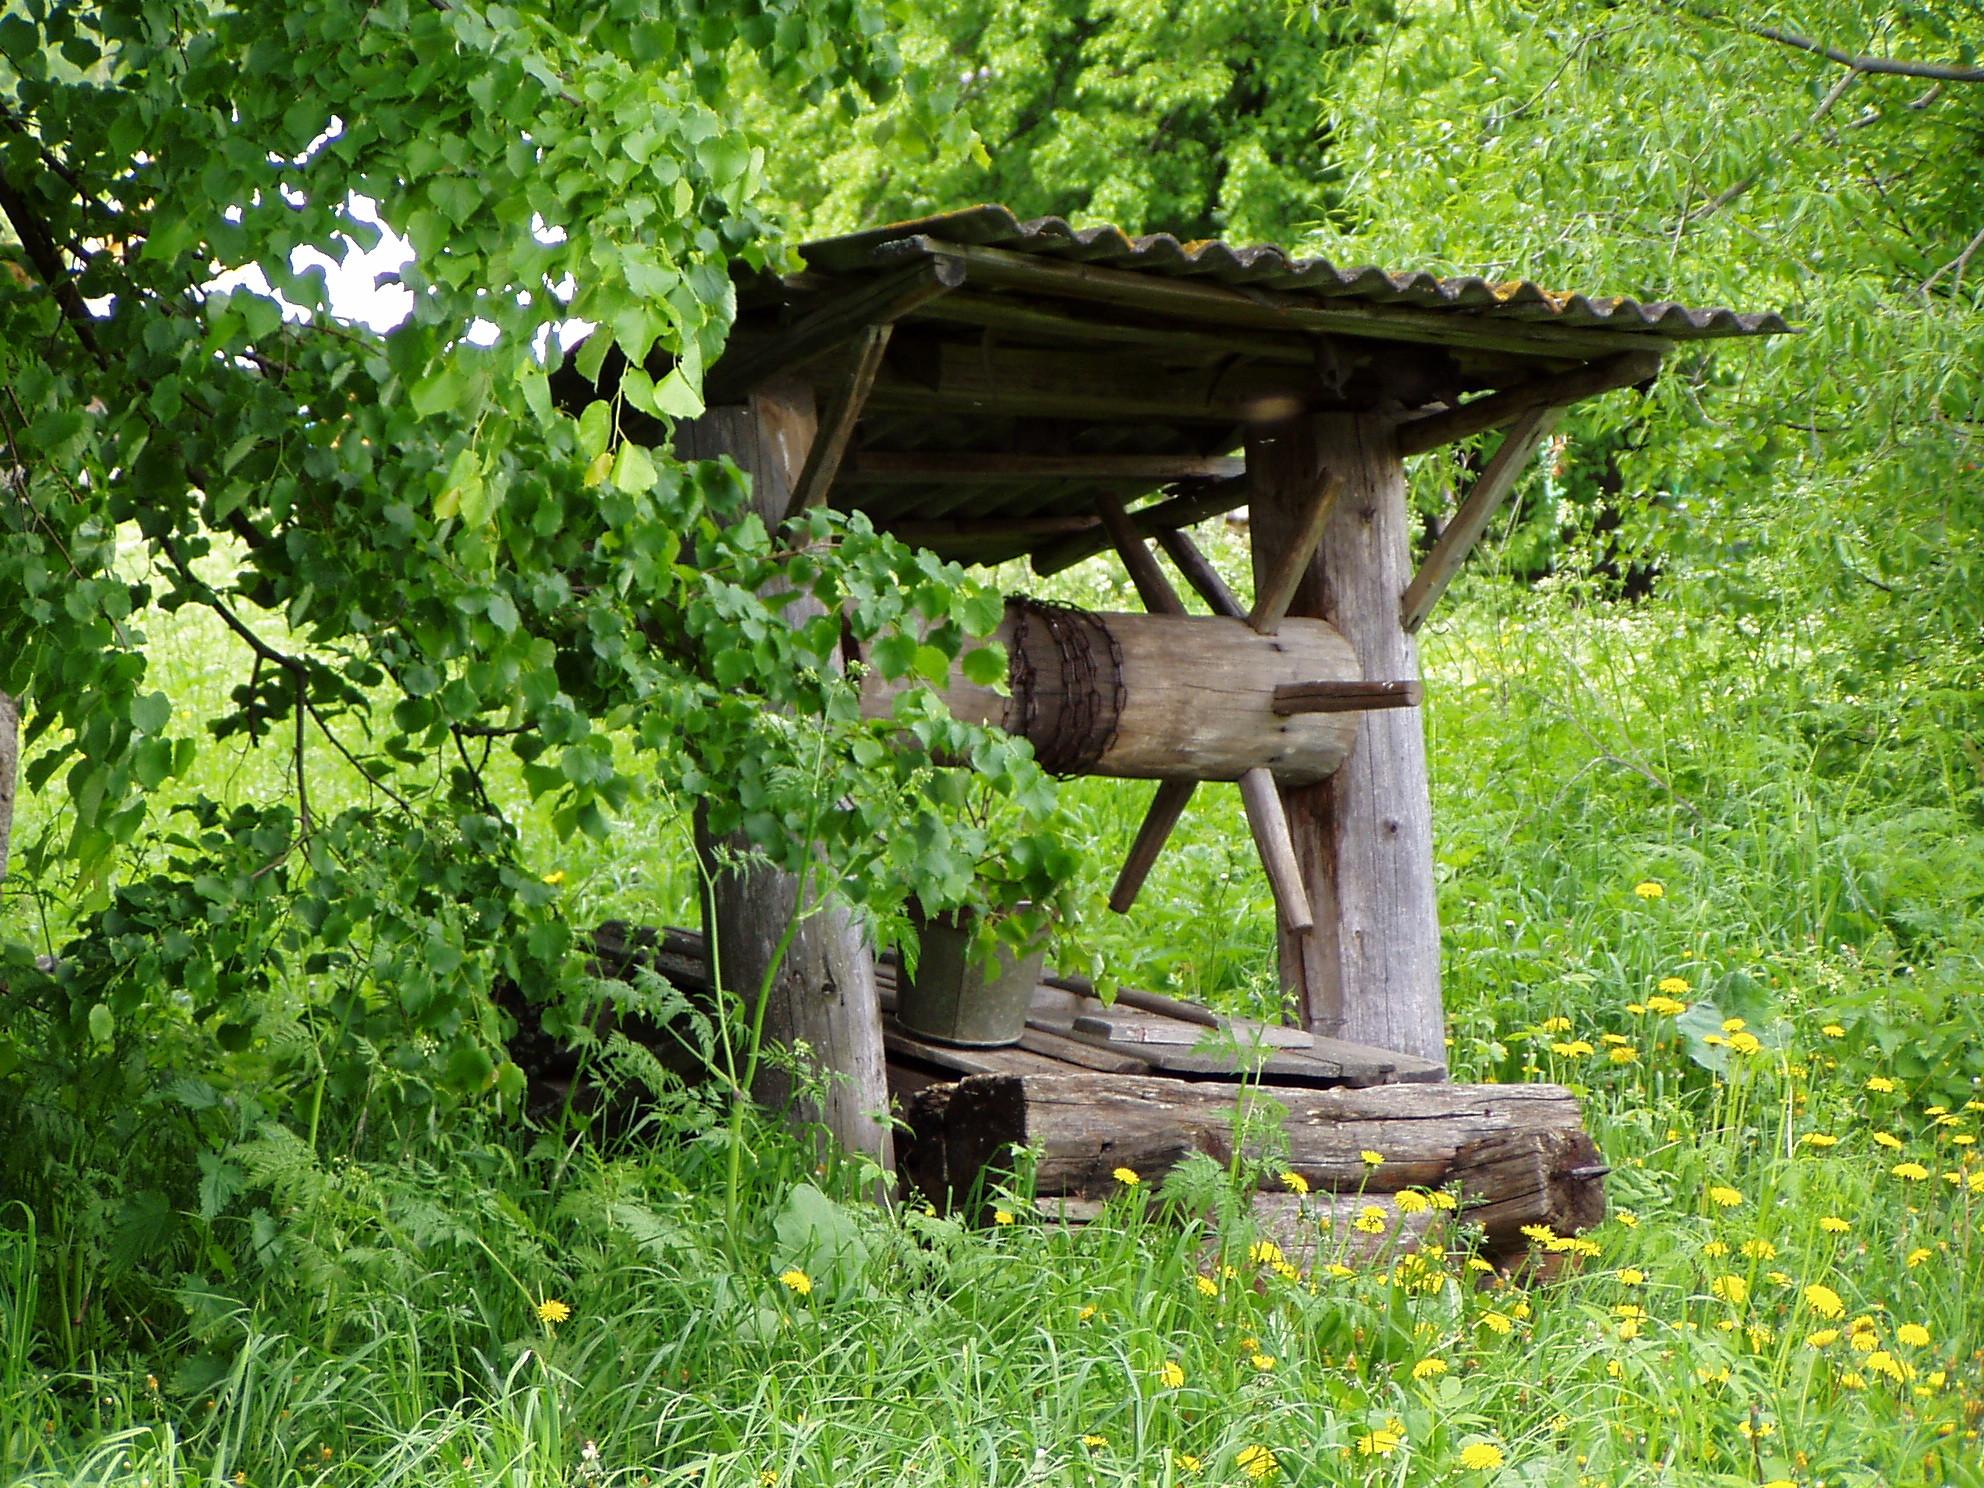 картинка в деревне у колодца высокий журавль фотограф